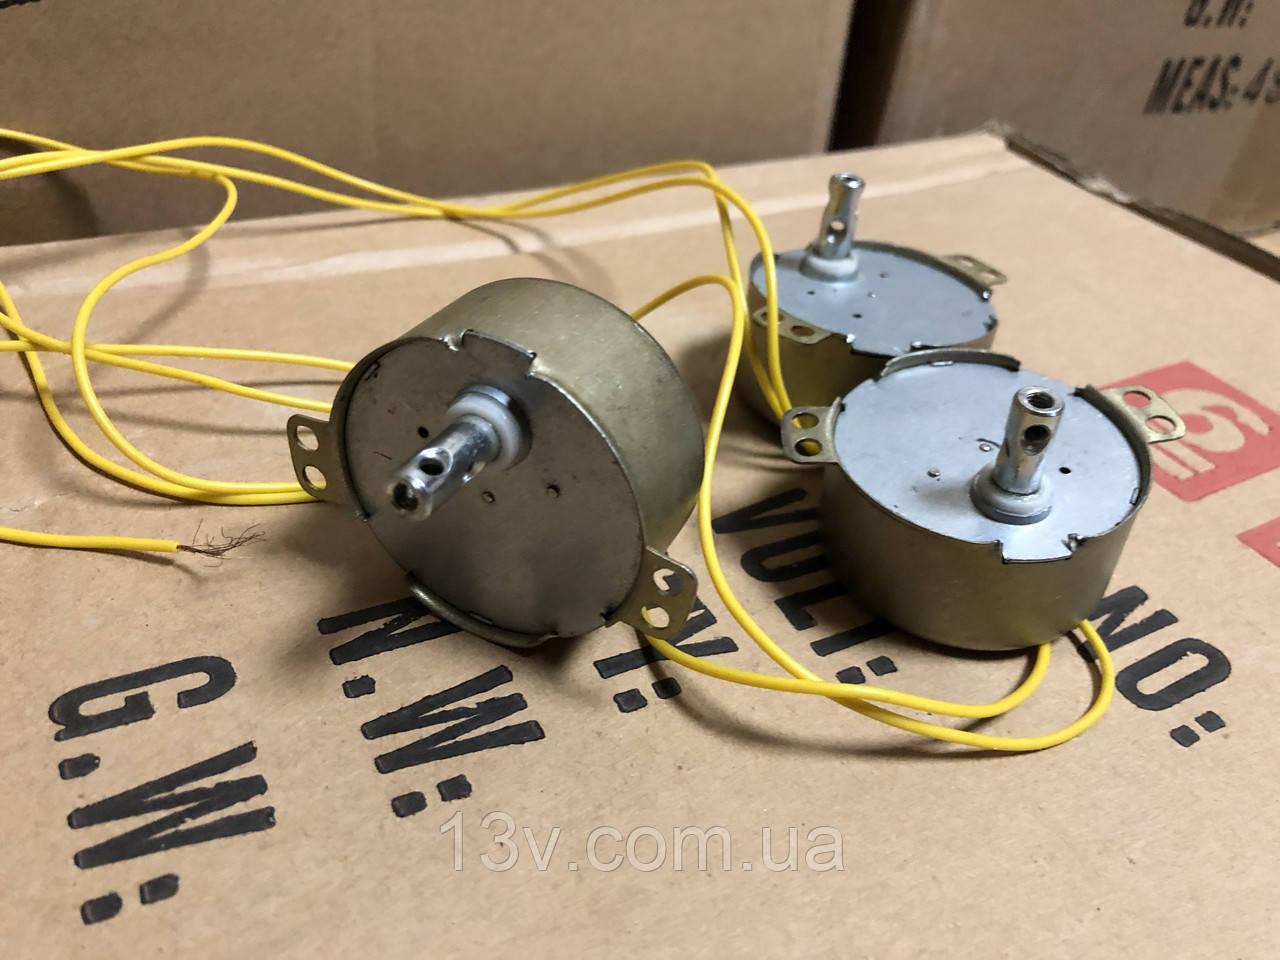 Моторчик для генератора мыльных пузырей 220в 25об